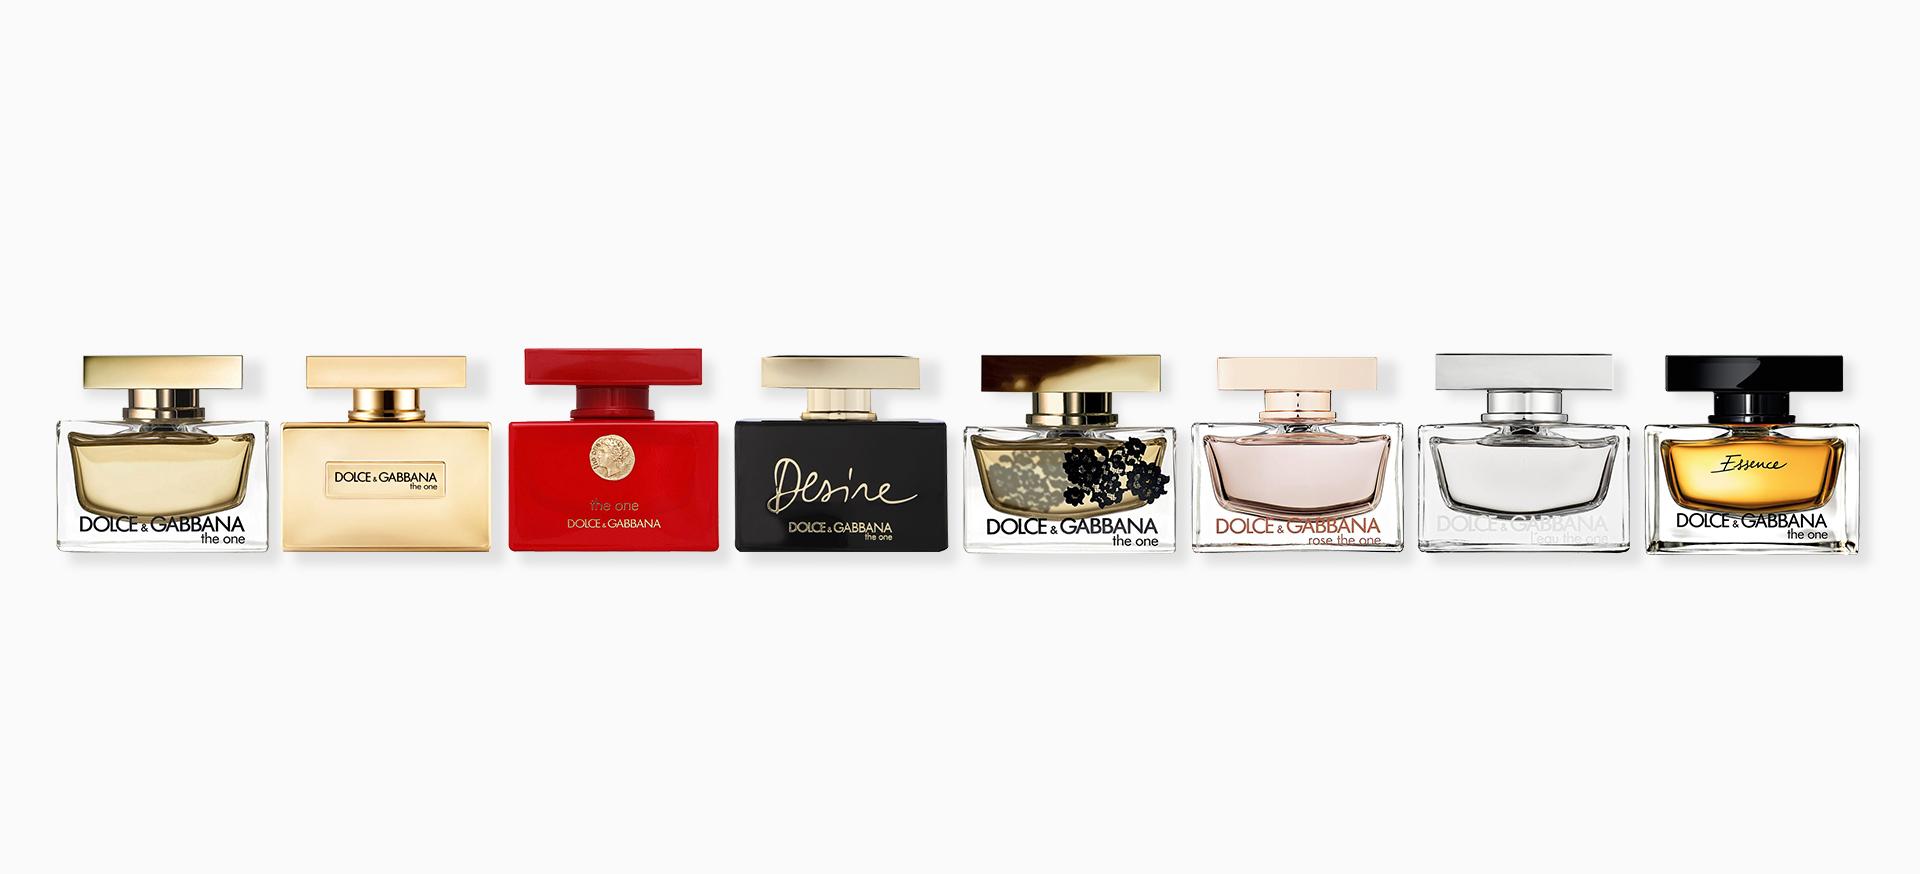 Dolce & Gabbana Parfums - LUTZ HERRMANN Design - Hamburg